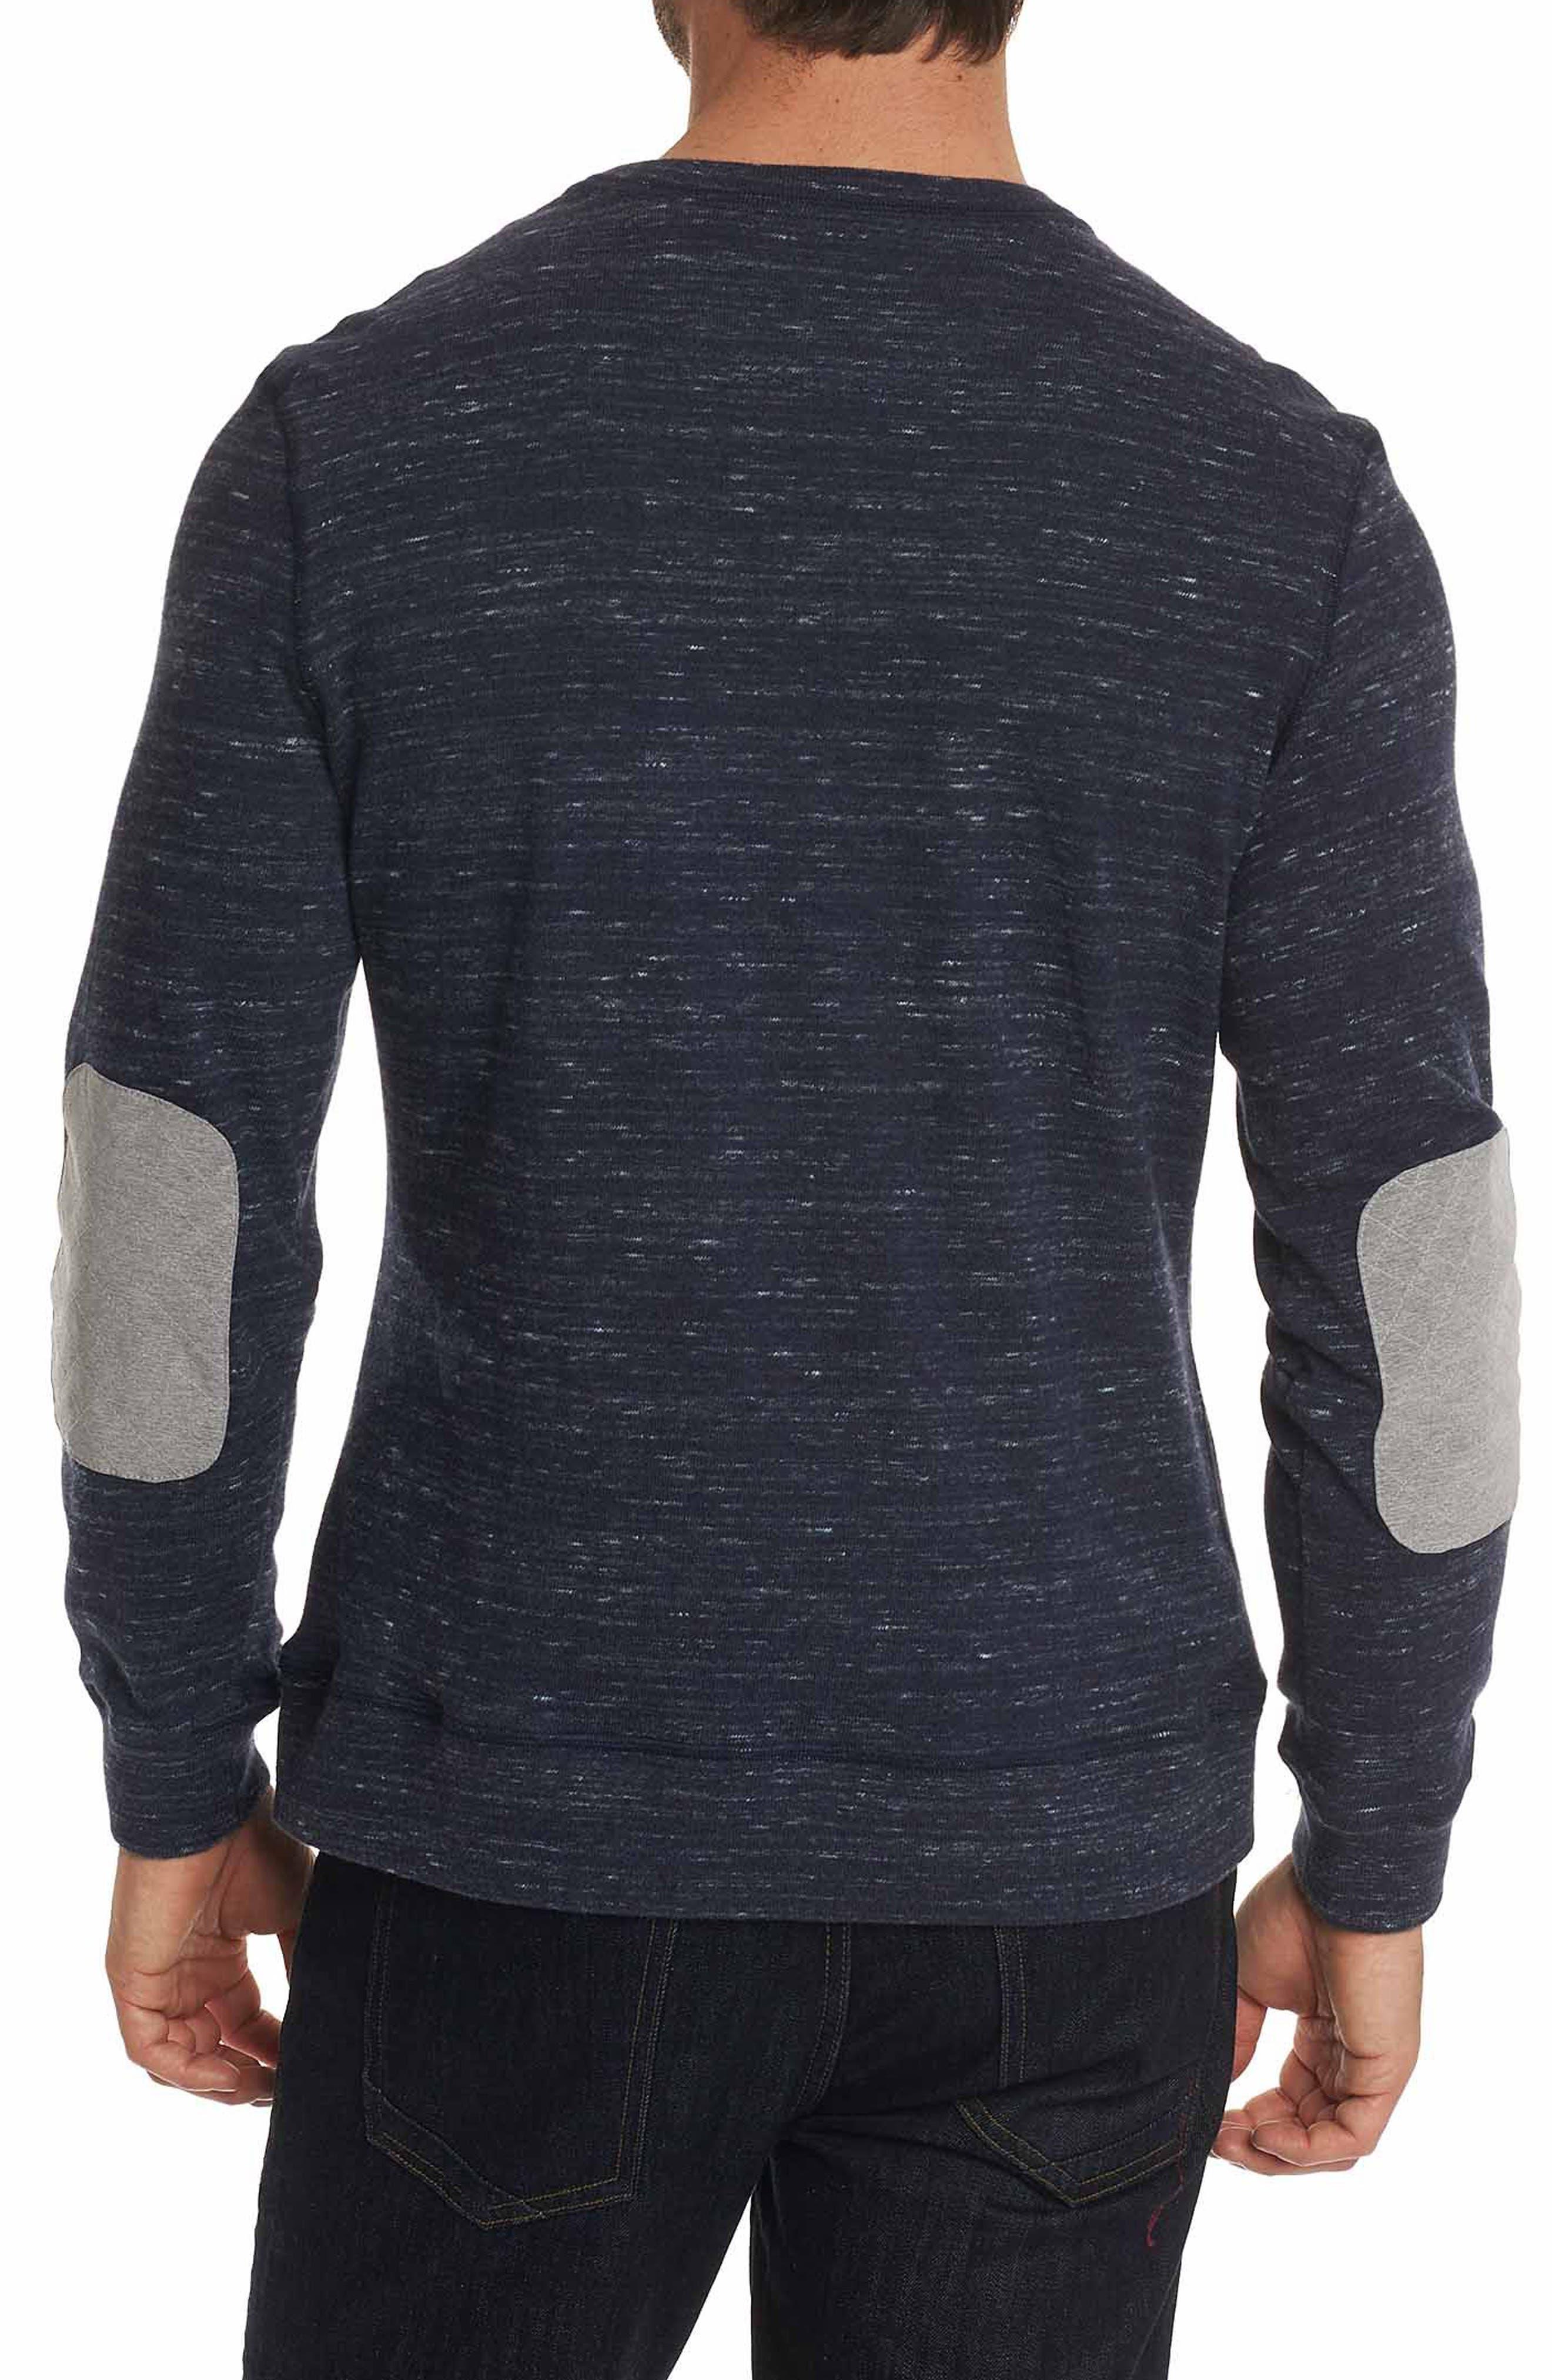 Endurance Elbow Patch Sweatshirt,                             Alternate thumbnail 5, color,